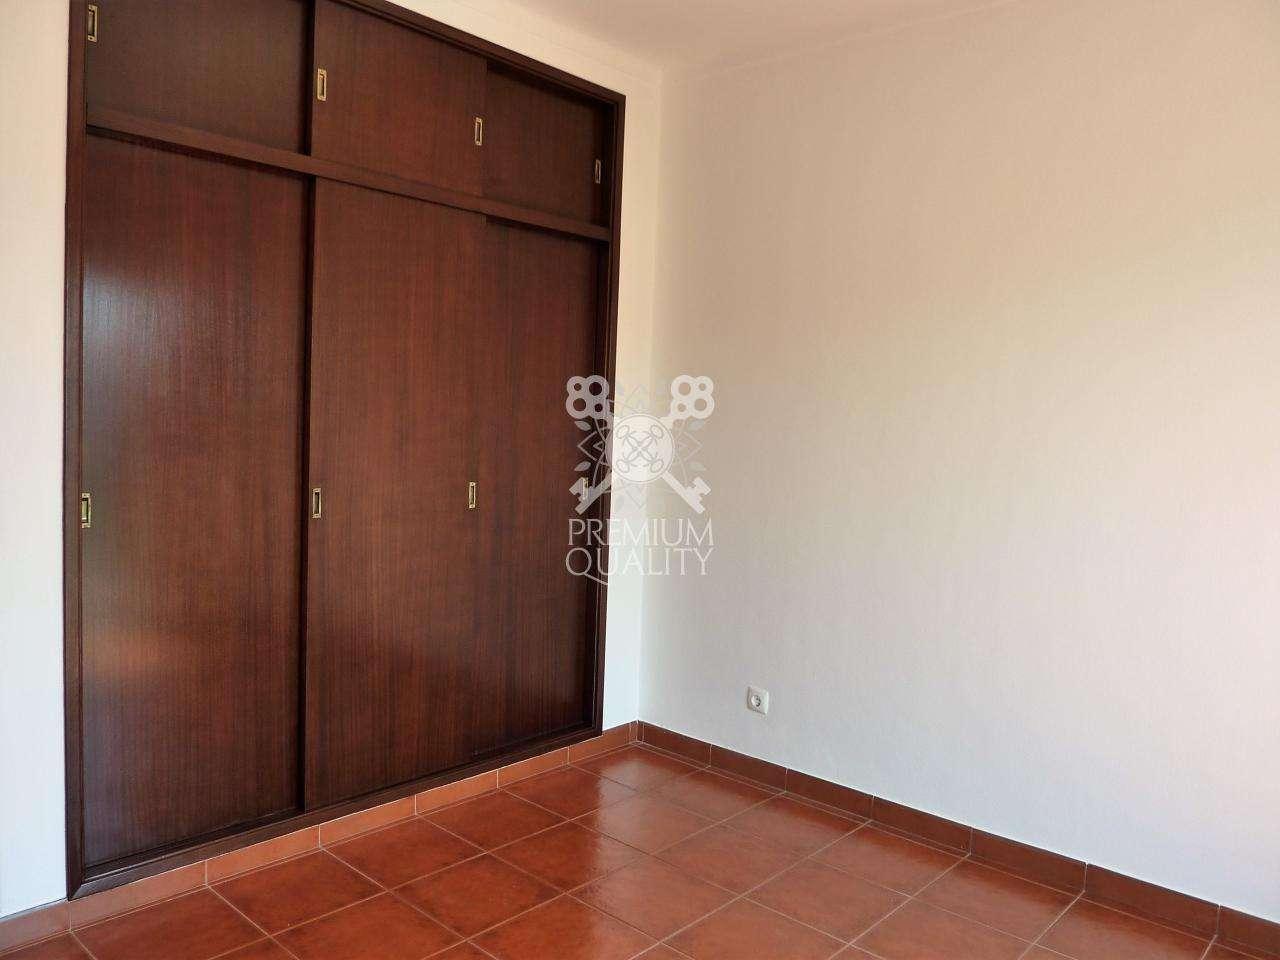 Apartamento para comprar, Castelo (Sesimbra), Sesimbra, Setúbal - Foto 7